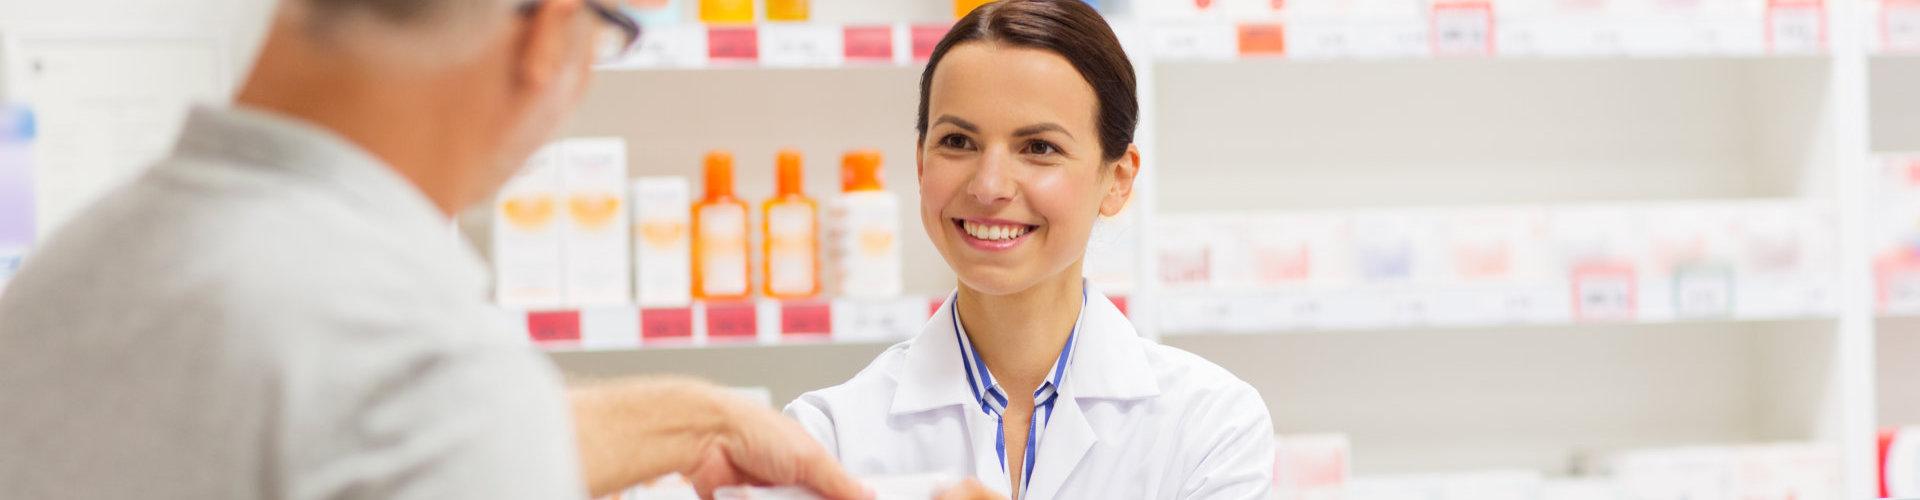 pharmacist attending to her customer